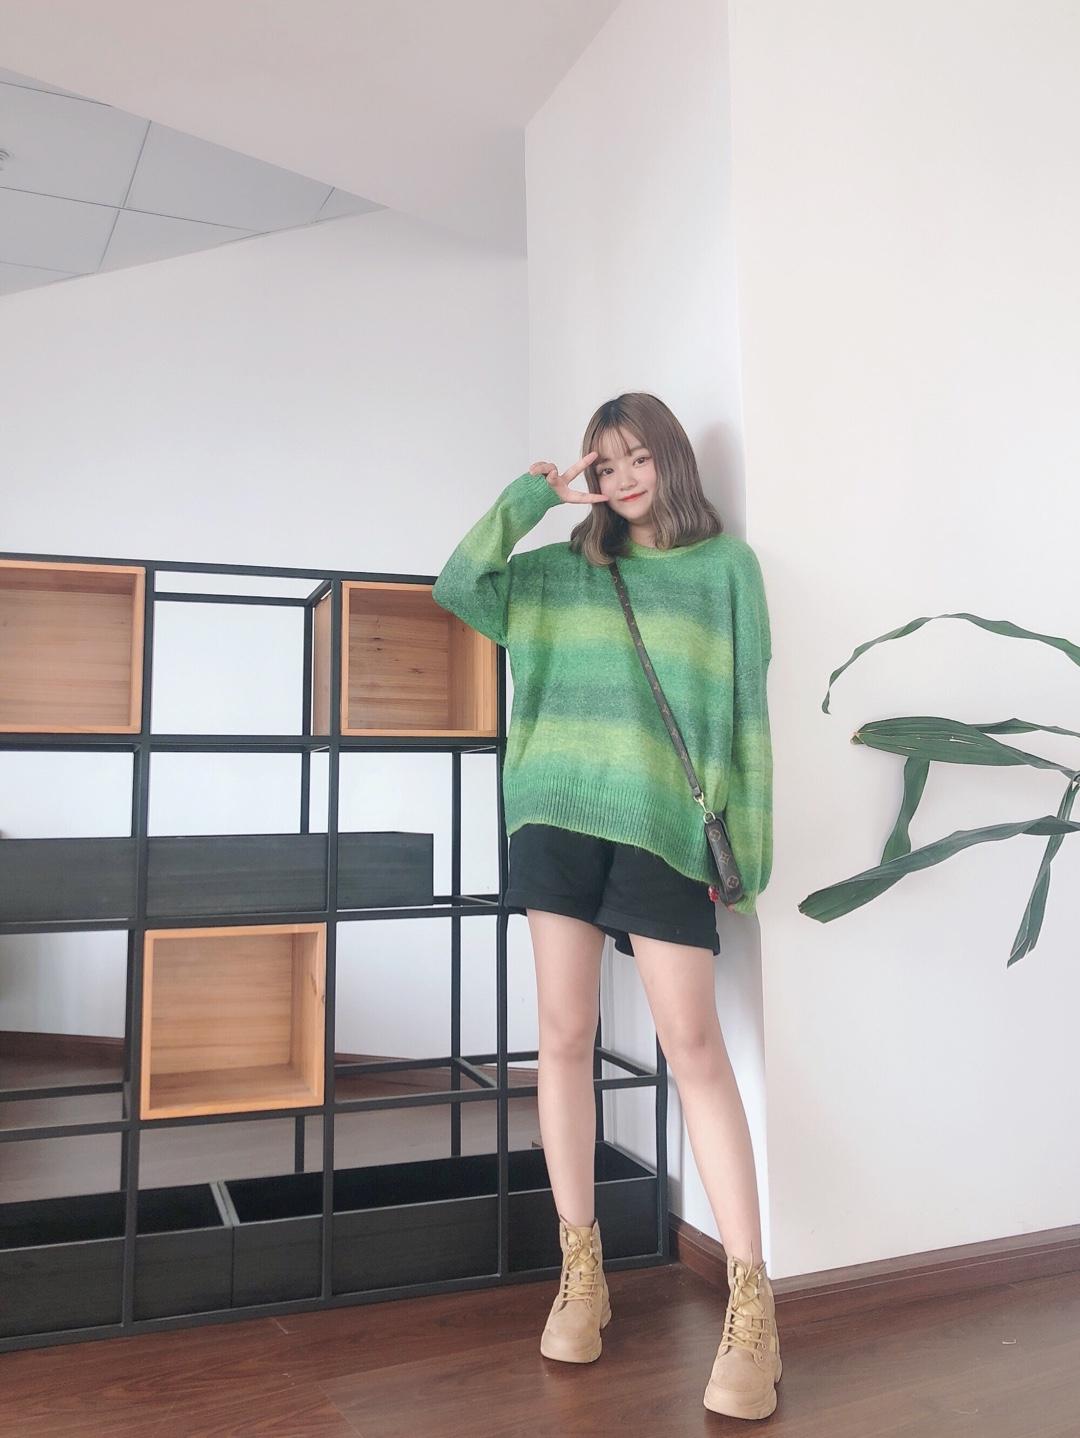 #今秋的衣柜又被绿了……#  敲洋气的绿色 毛衣 我爱了! 温温柔柔的感觉 一件毛衣就可以给到! 搭配一双马丁靴 奶酷奶酷的哦~